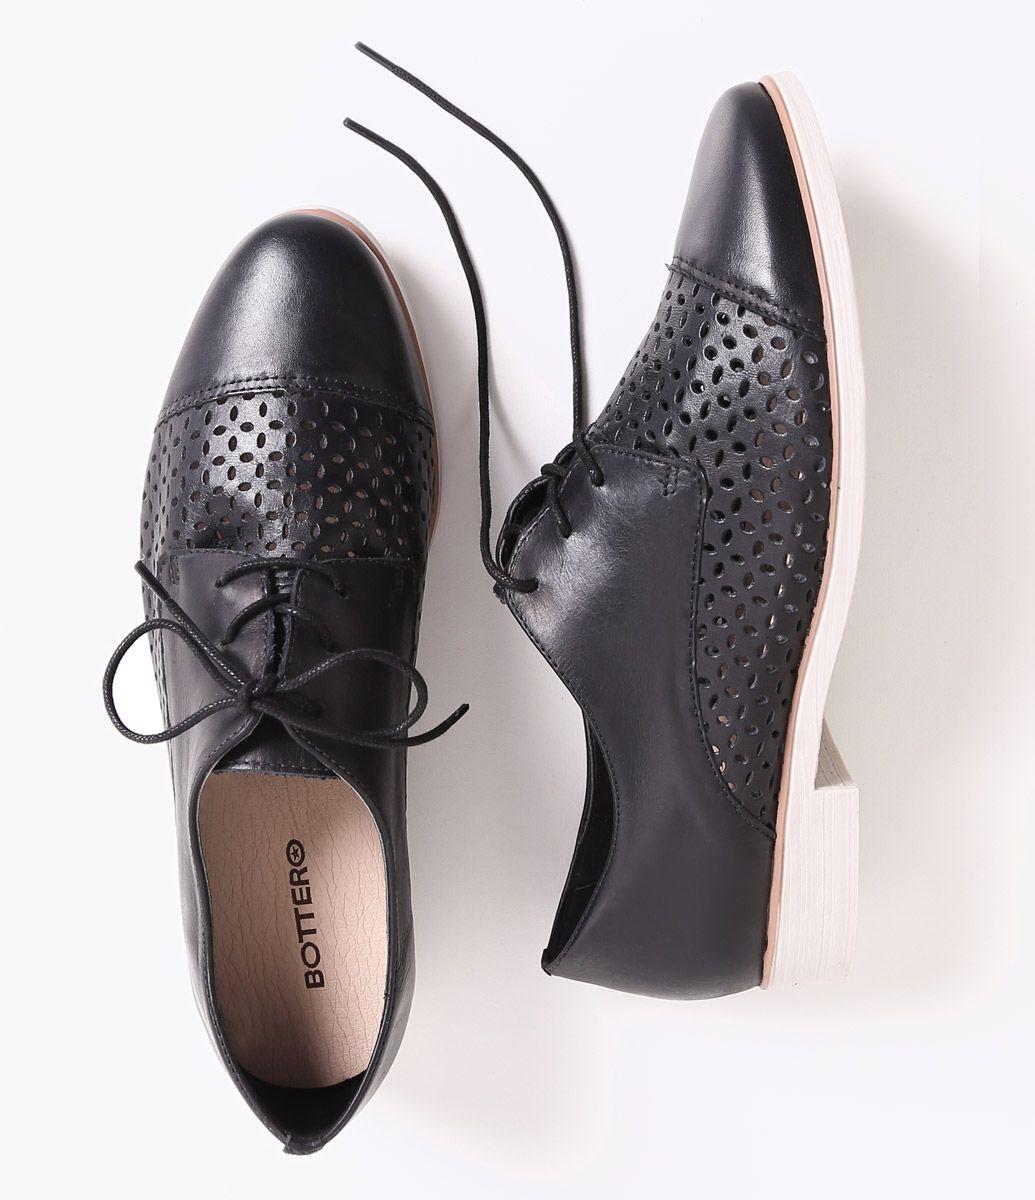 bf647d8cc Sapato Feminino Bottero em Couro Oxford Vazado - Lojas Renner ...